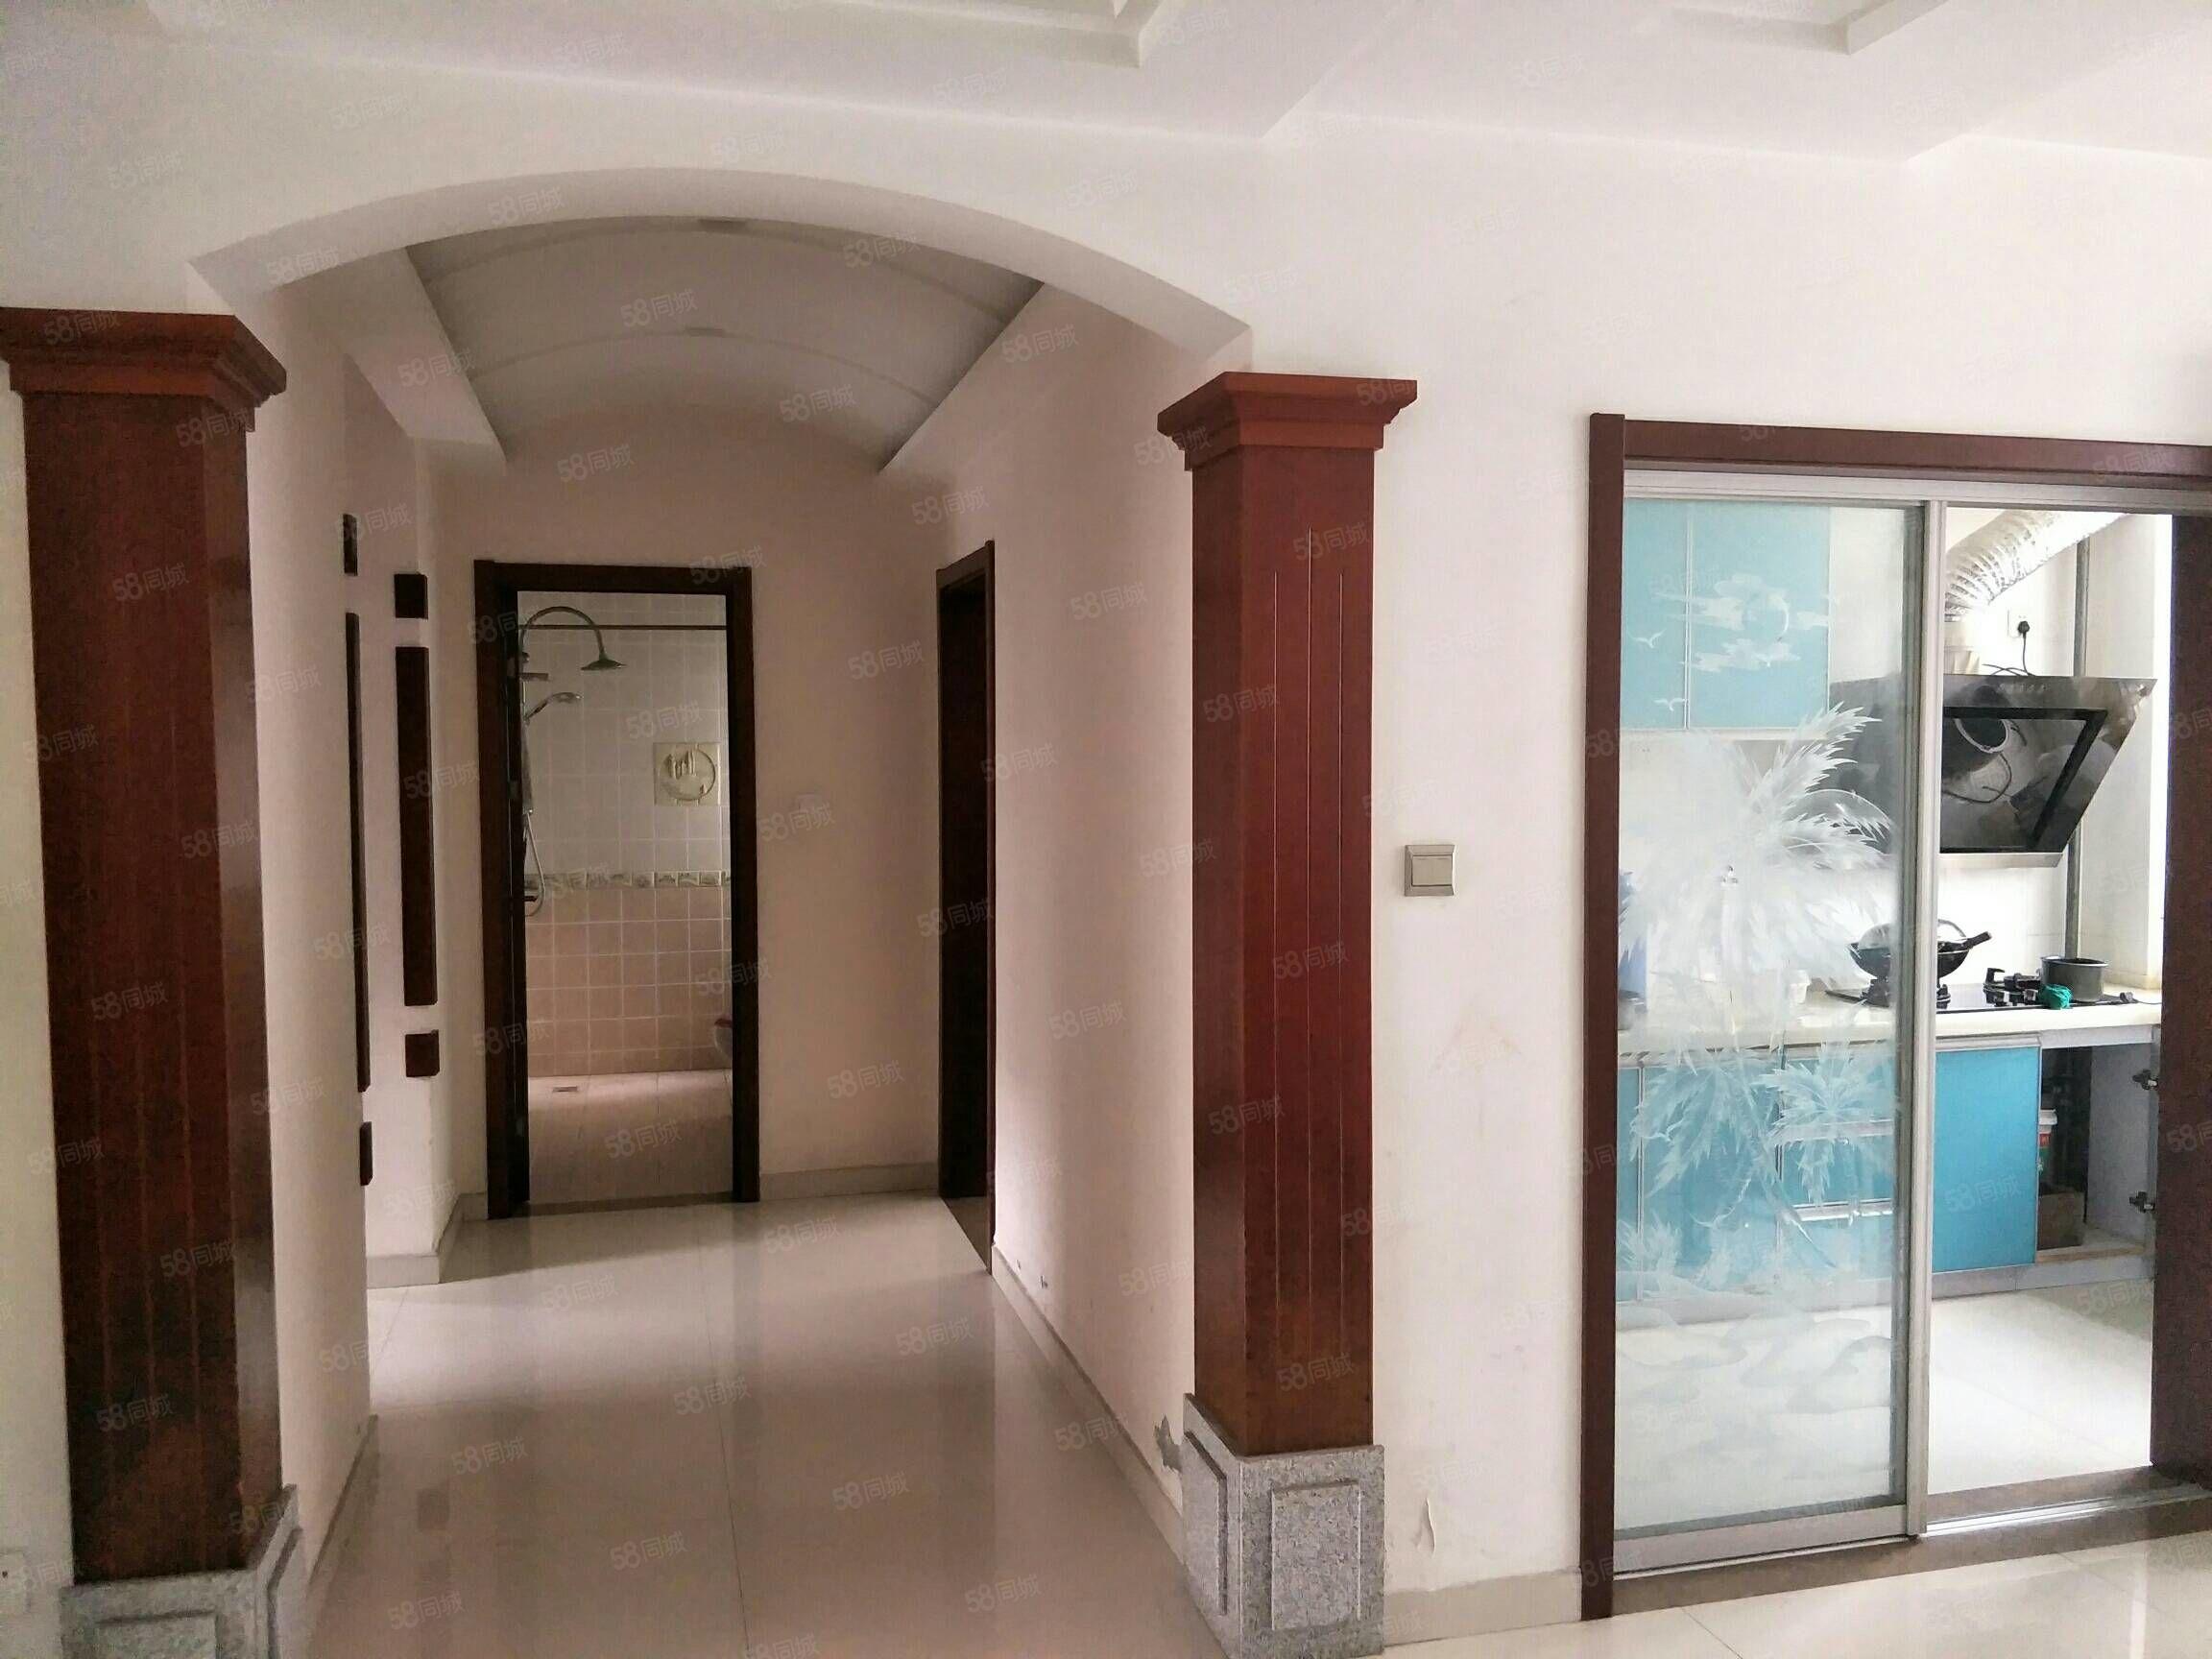 水岸江南三室兩廳2樓105平米精裝96萬